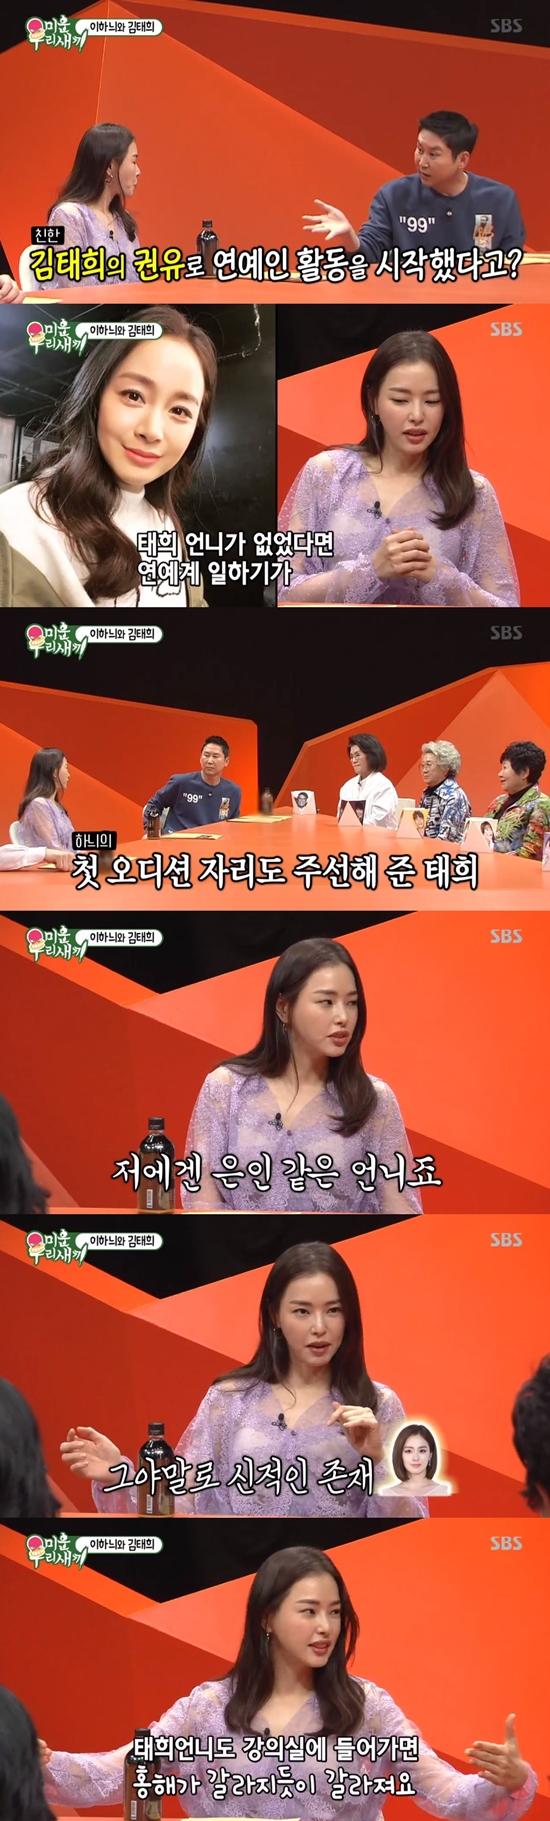 '미우새' 이하늬, 김태희 향한 고마움→털털함으로 매력 발산 [엑's 스타]